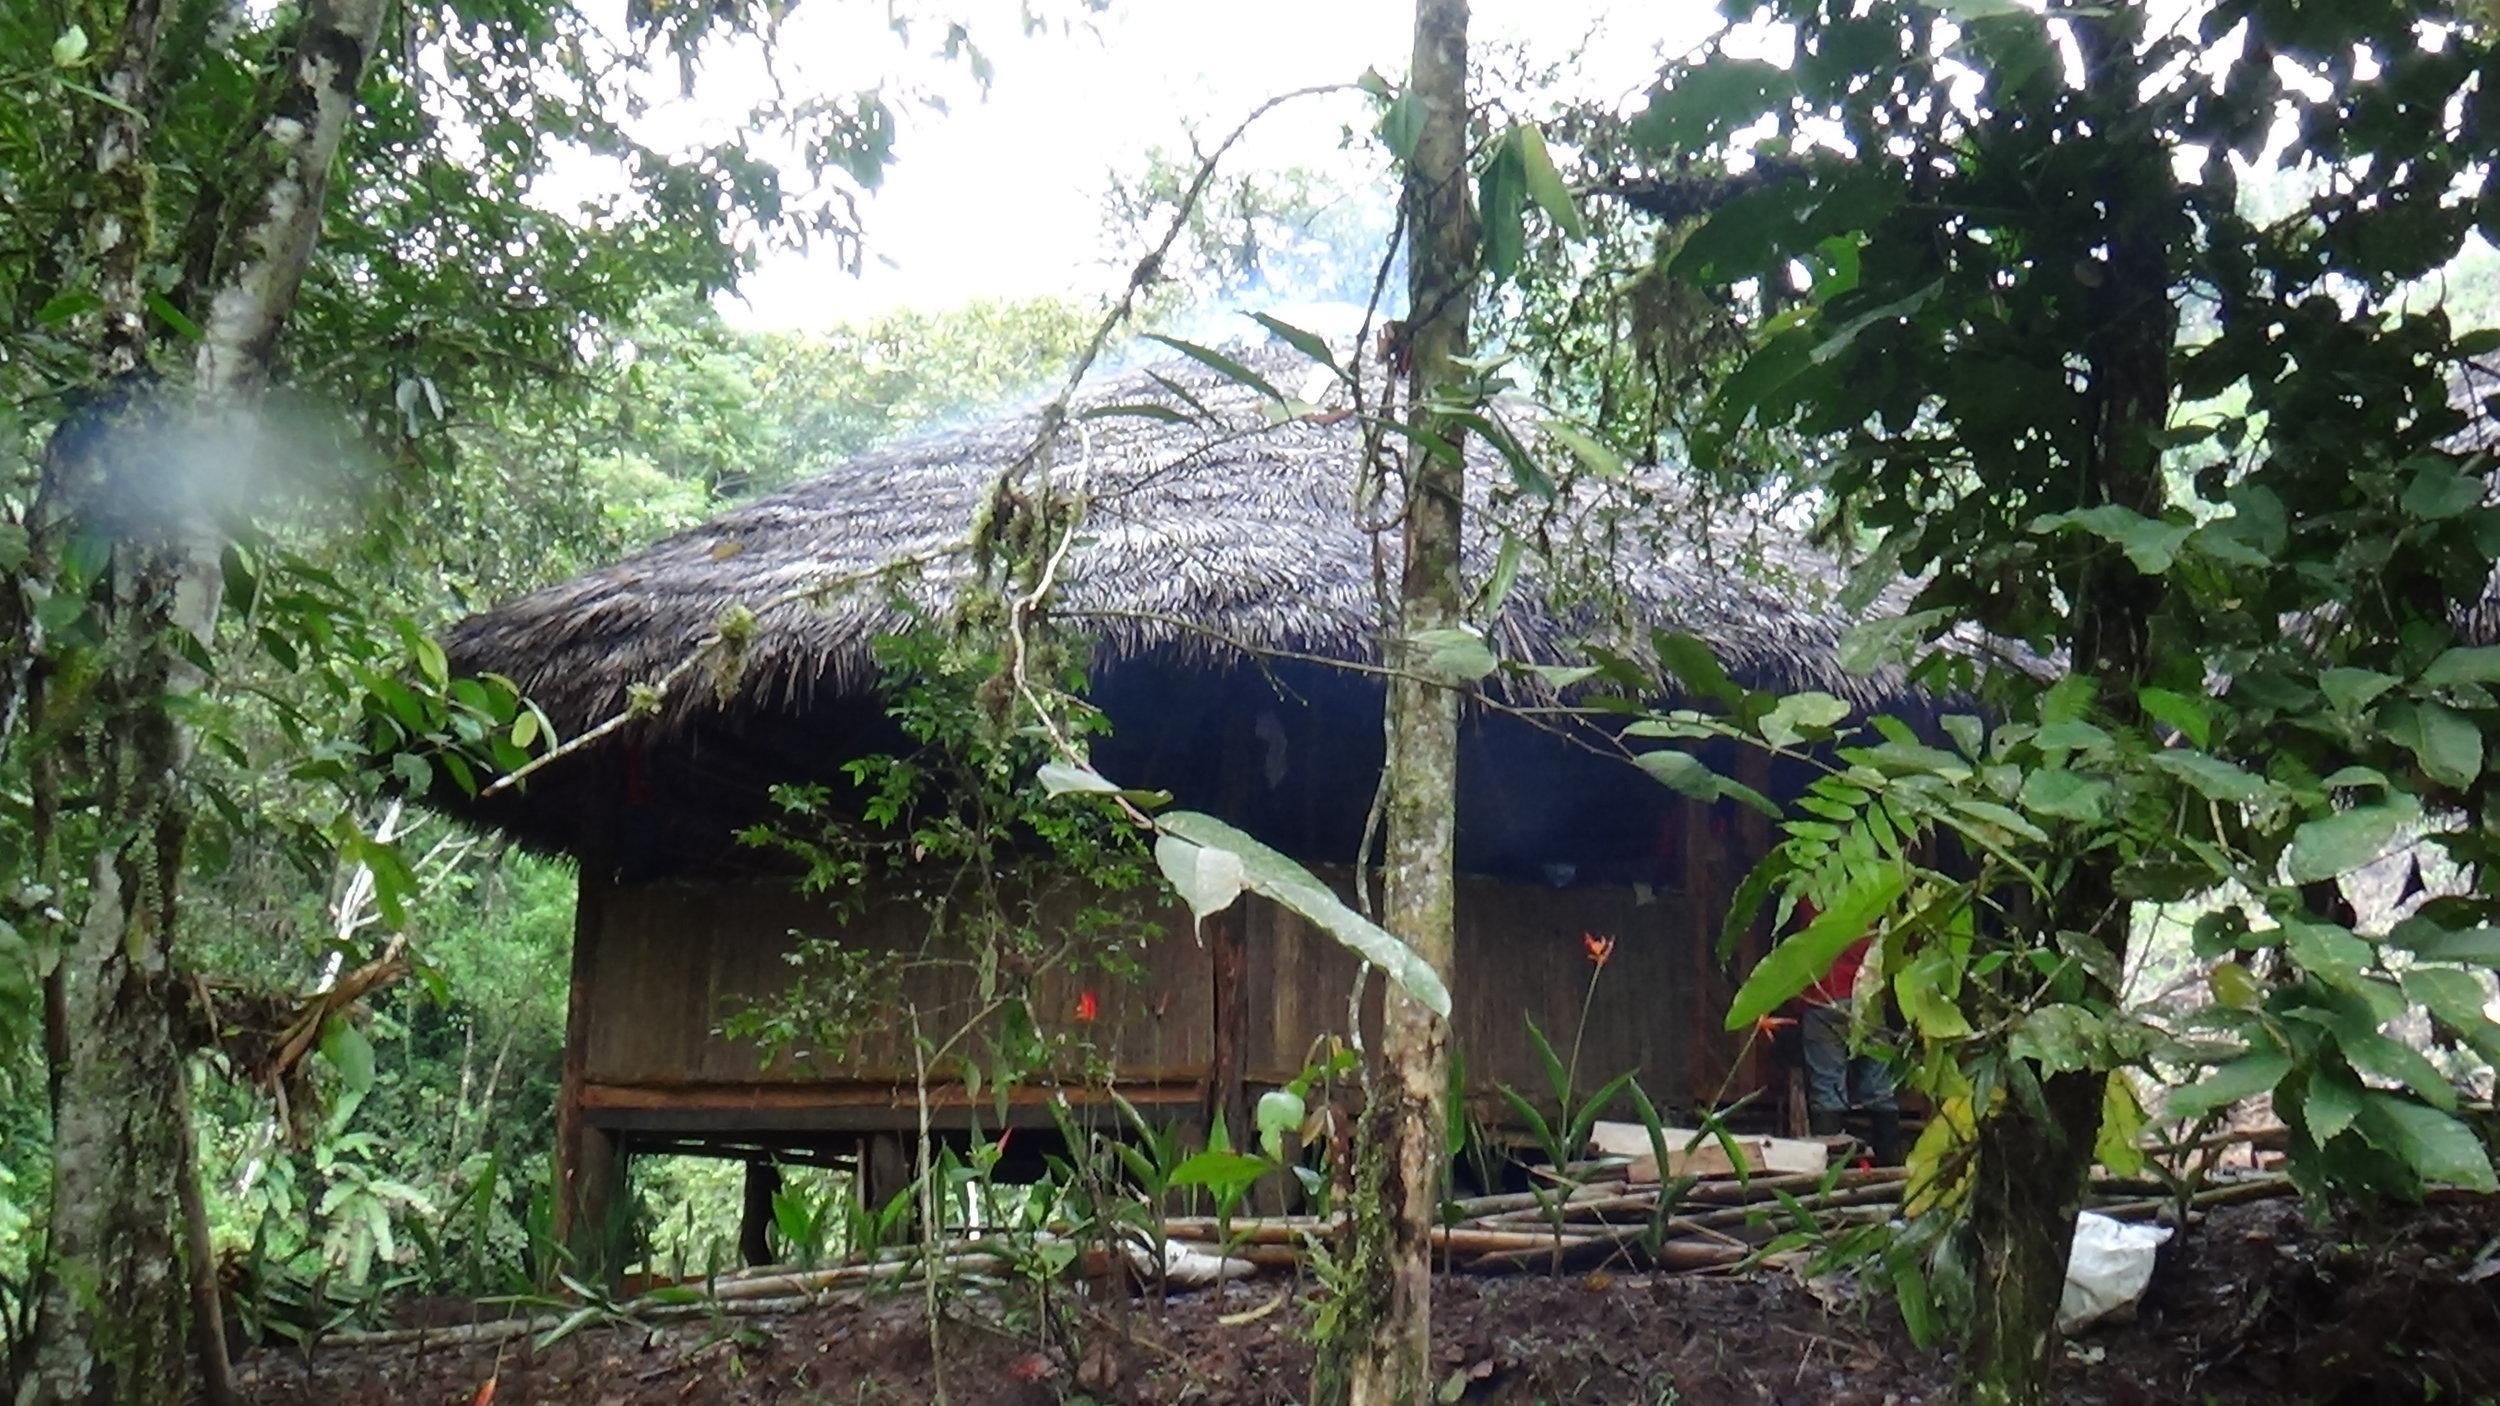 Chosa-ayahuascainecuador.com